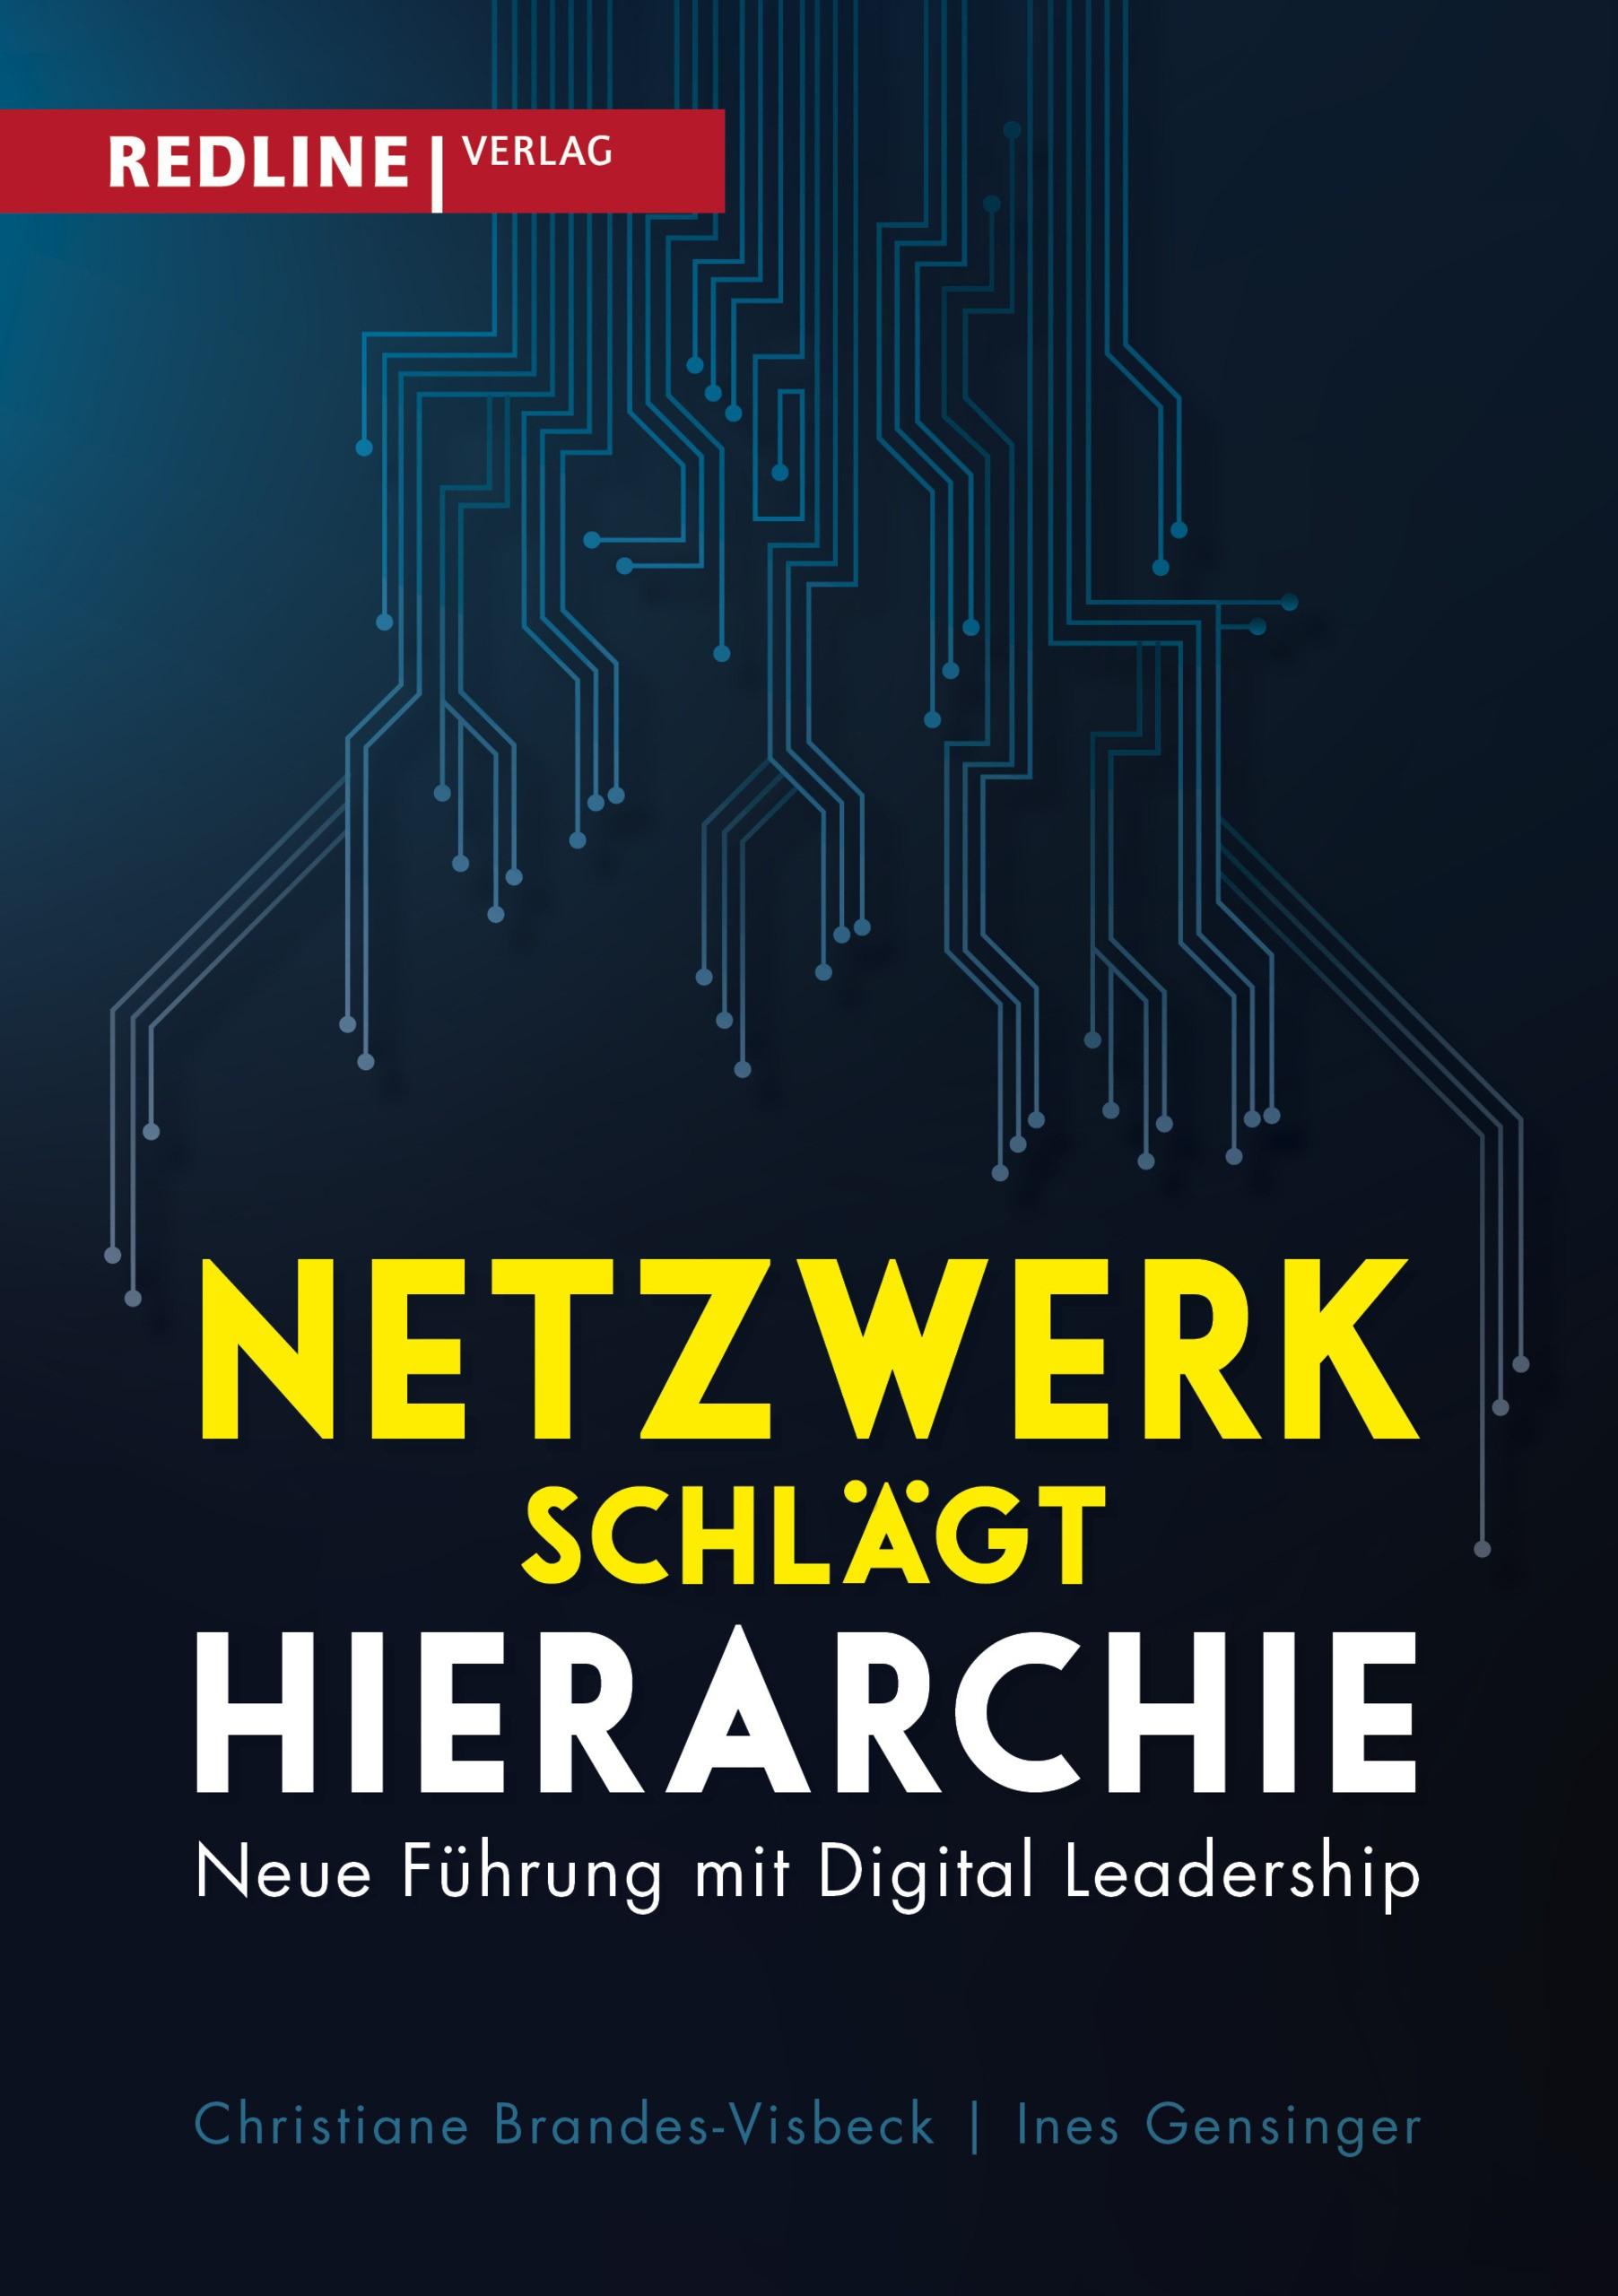 Netzwerk schlägt Hierarchie | Brandes-Visbeck / Gensinger, 2017 | Buch (Cover)